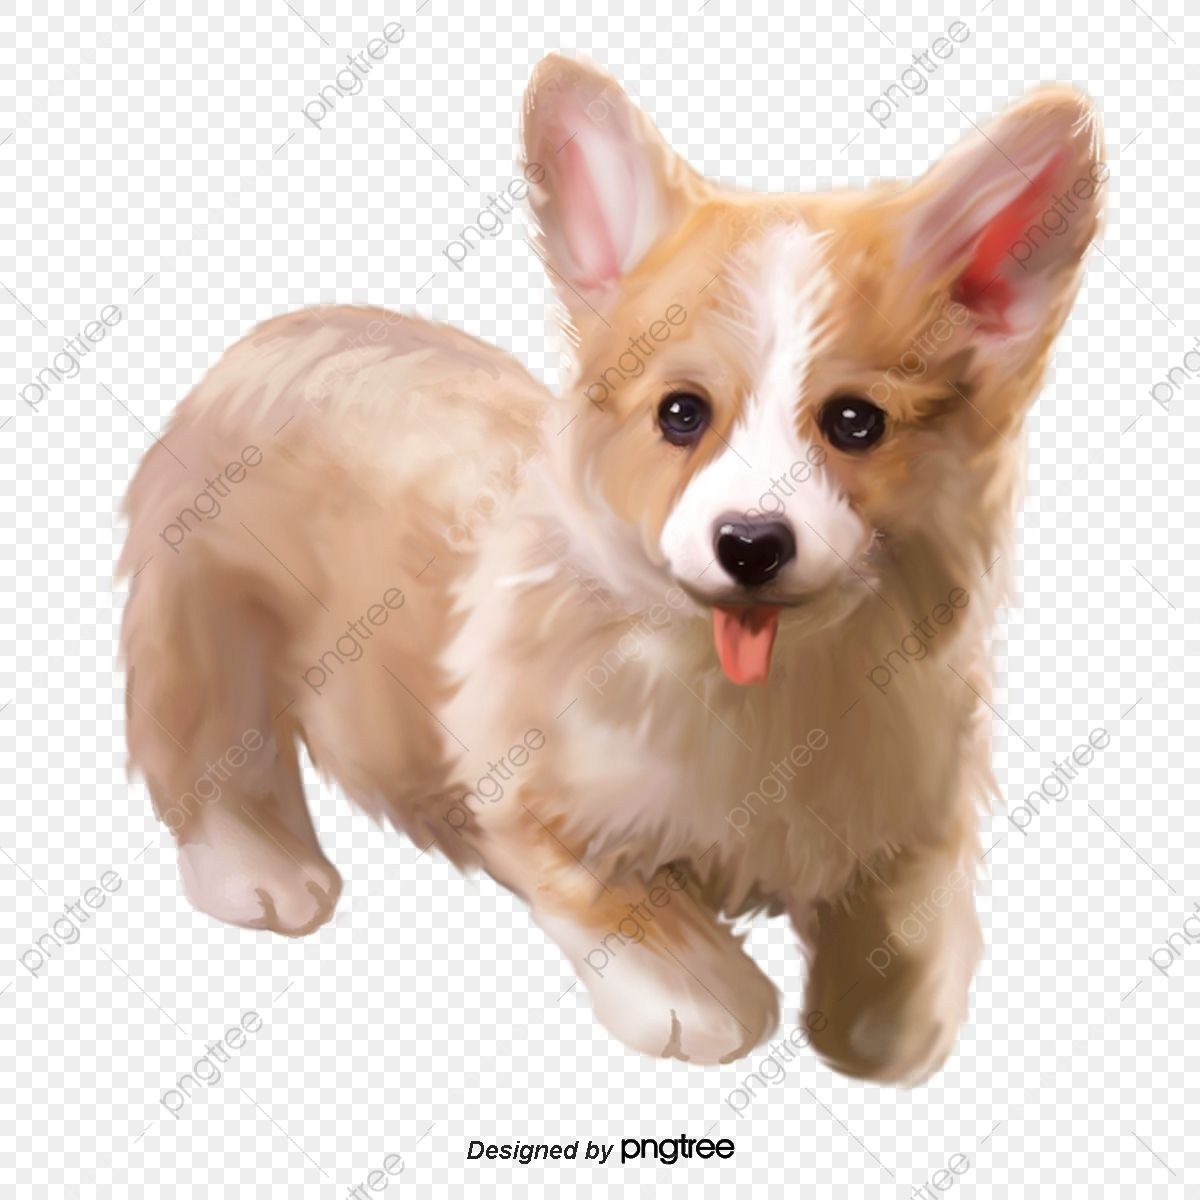 可愛い犬の柔らかい毛のふわふわした犬の元素 かわいいクリップアート 素子 動物画像とpsd素材ファイルの無料ダウンロード Pngtree 可愛い犬 可愛いワンちゃん 犬